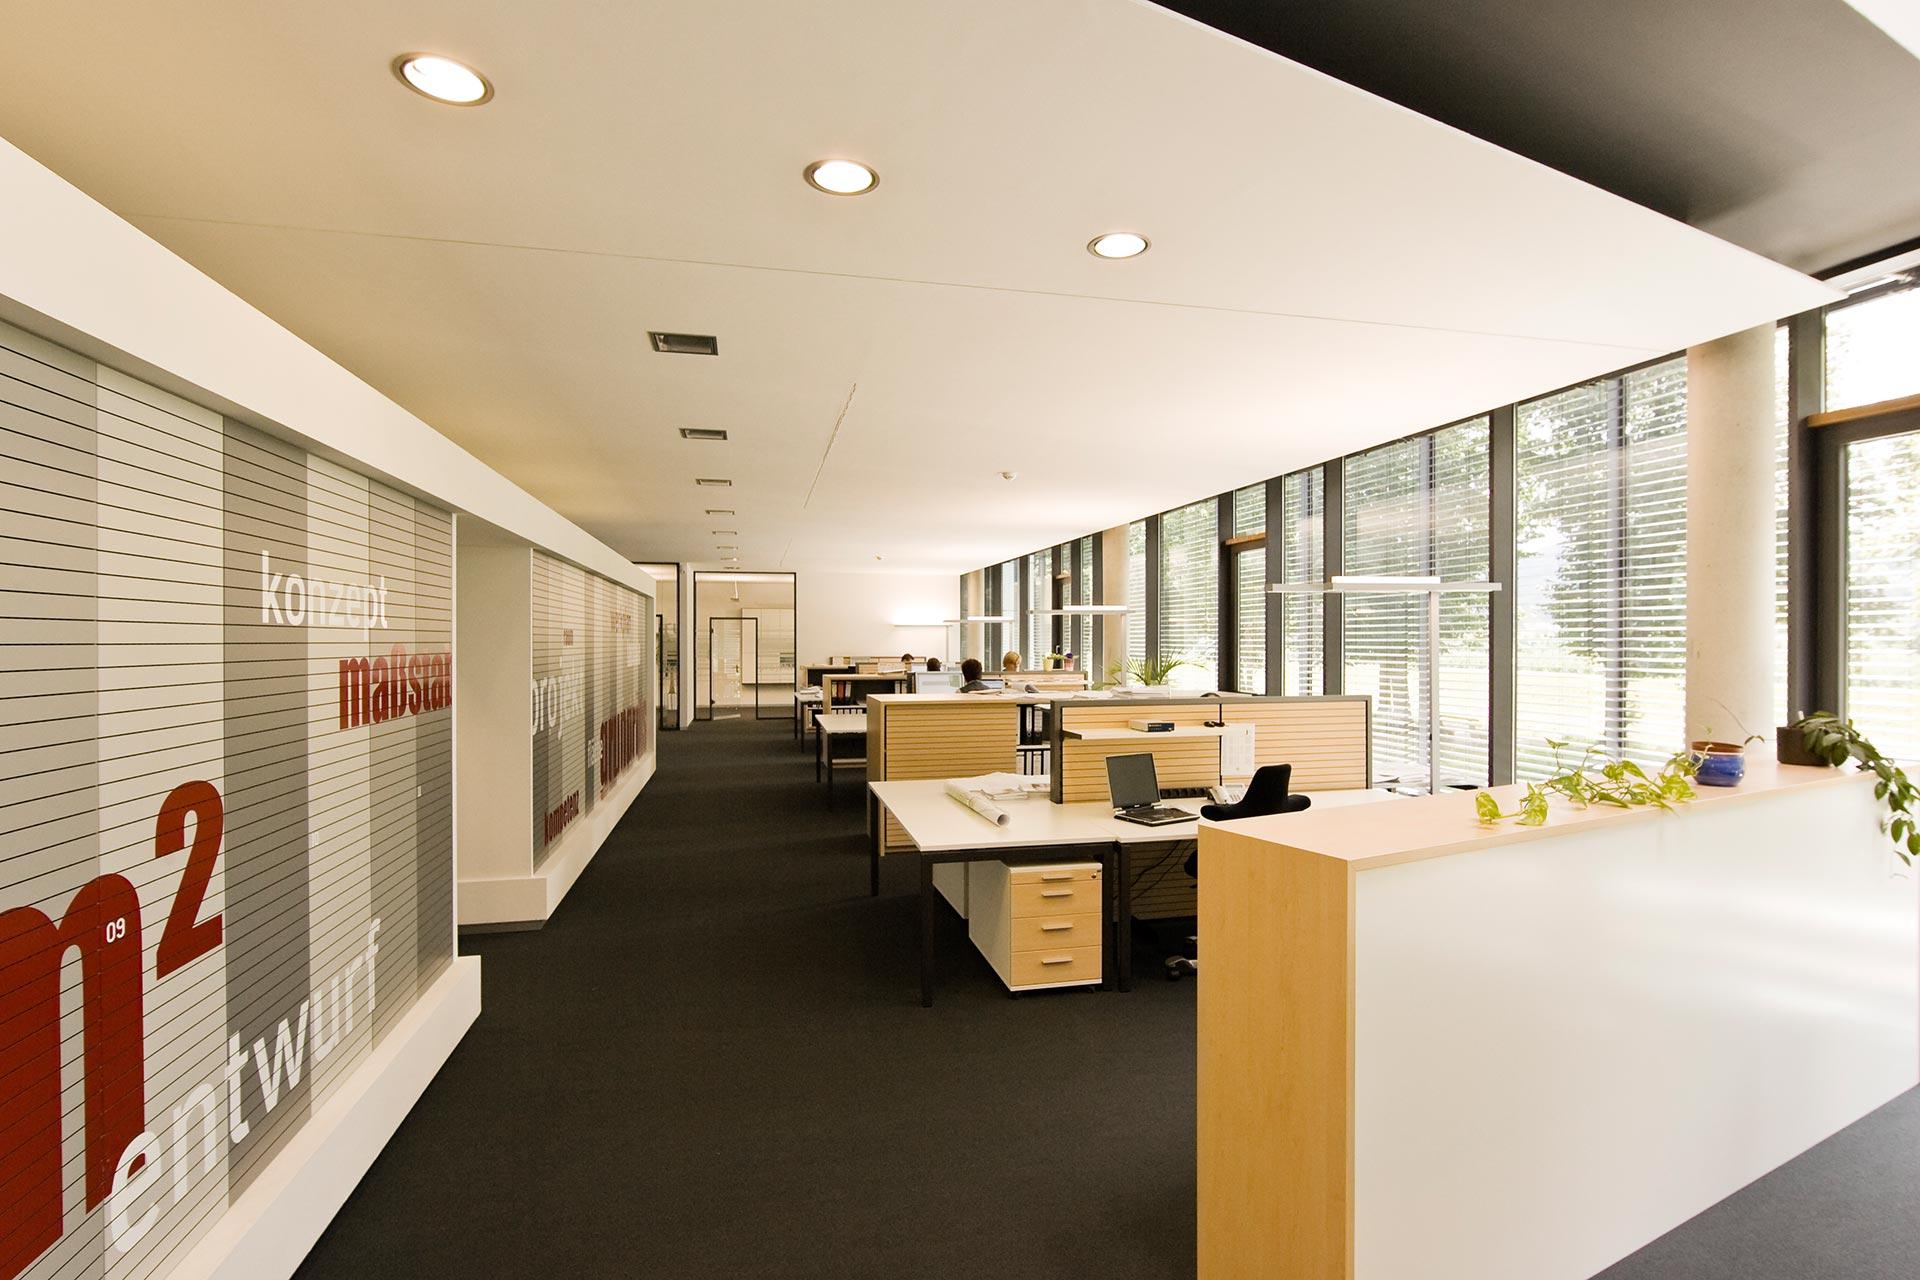 Actica Gmbh Actica Planen Einrichten Einrichtung Architekturburo